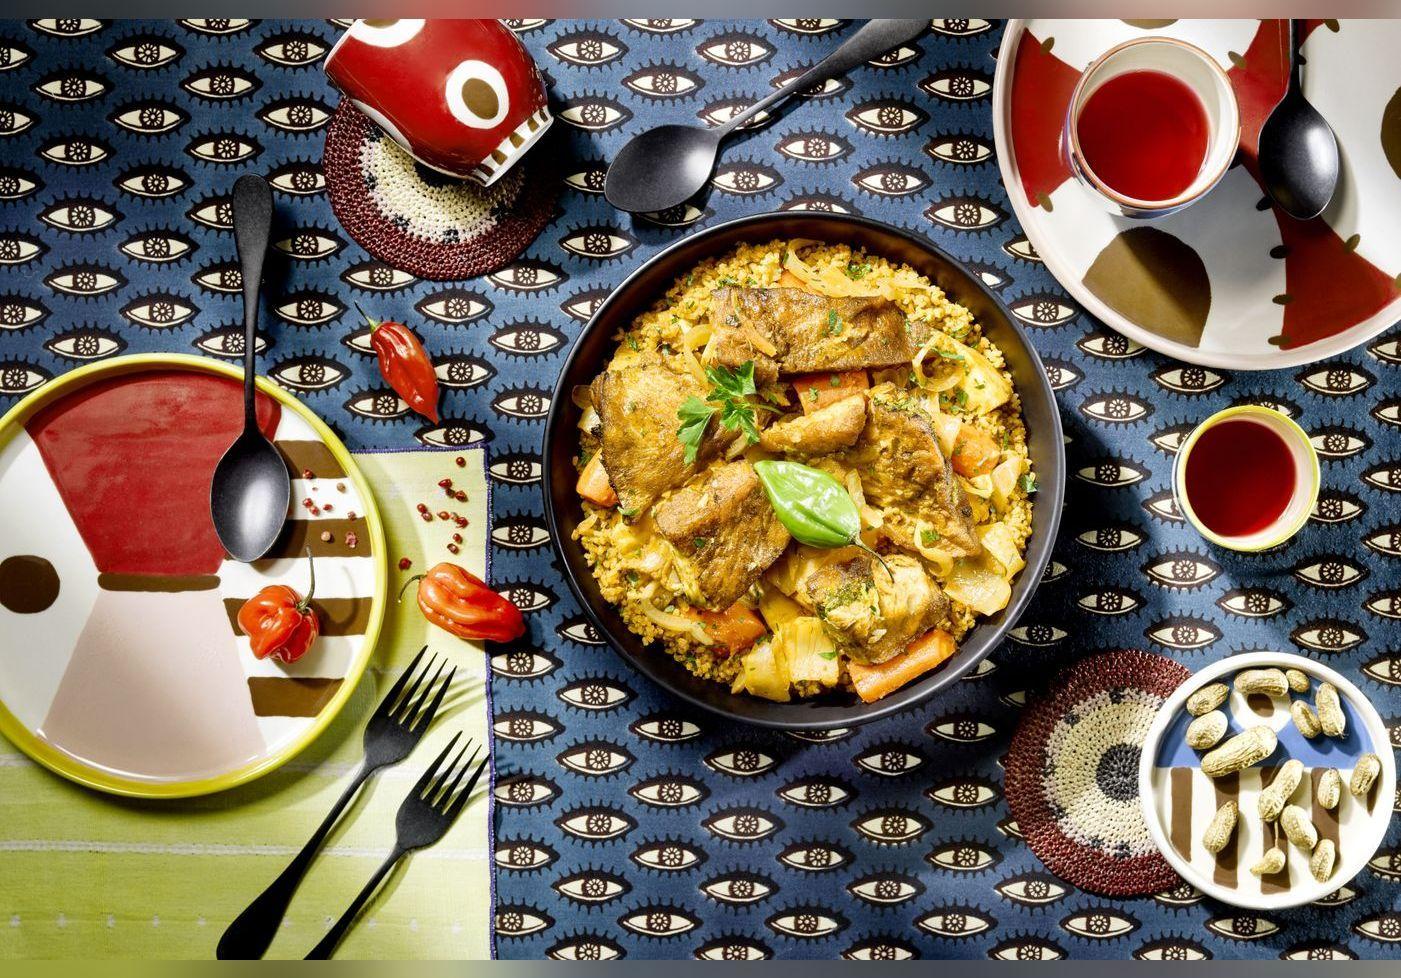 Monoprix s'associe au chef Mory Sacko pour nous faire découvrir la cuisine africaine